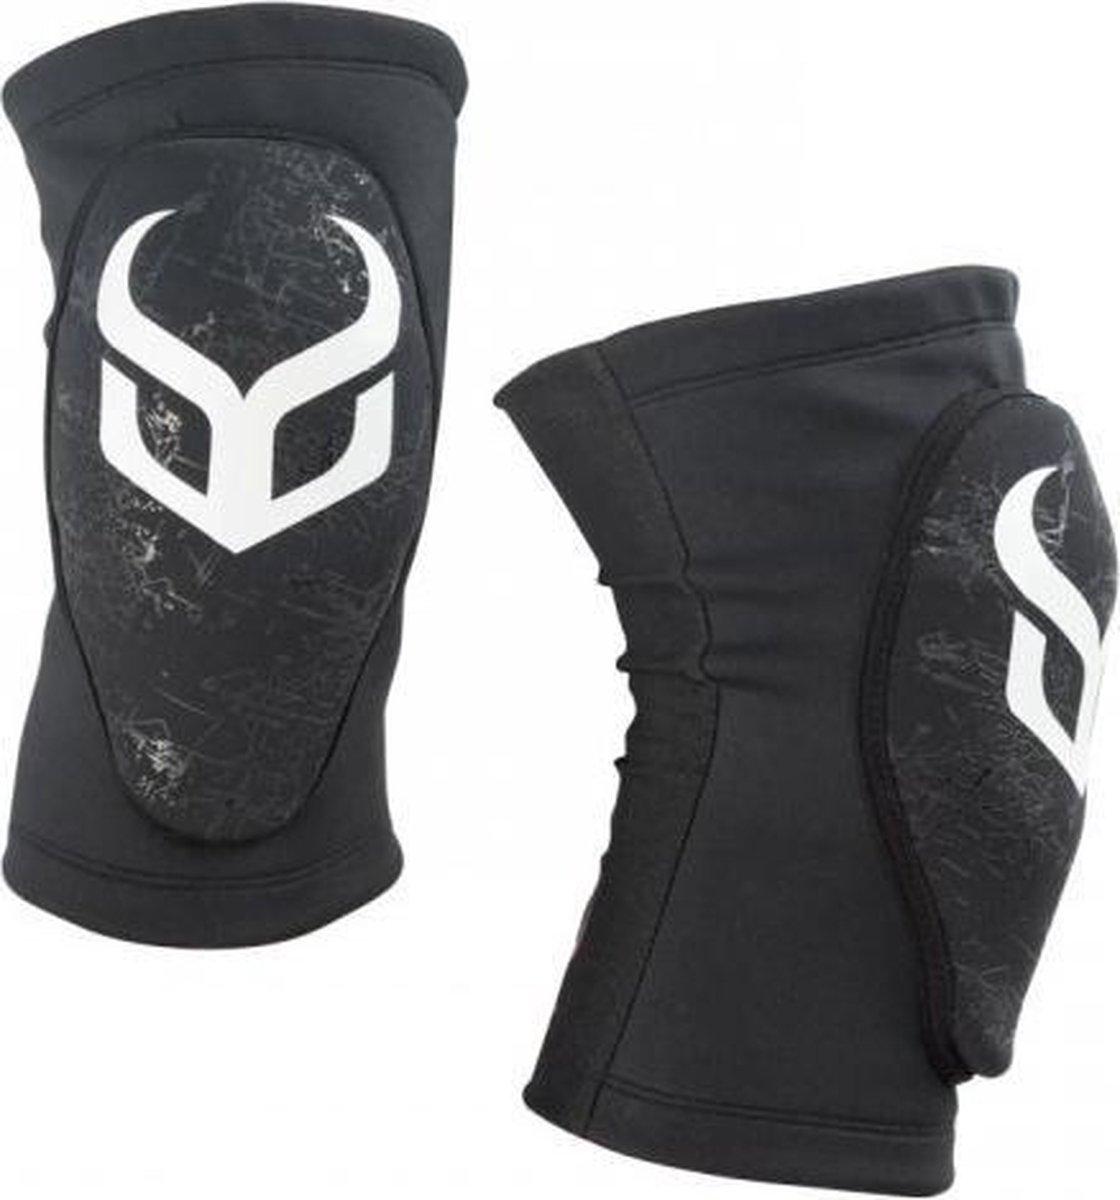 Demon Knee Guard Soft Cap Pro kniebeschermers